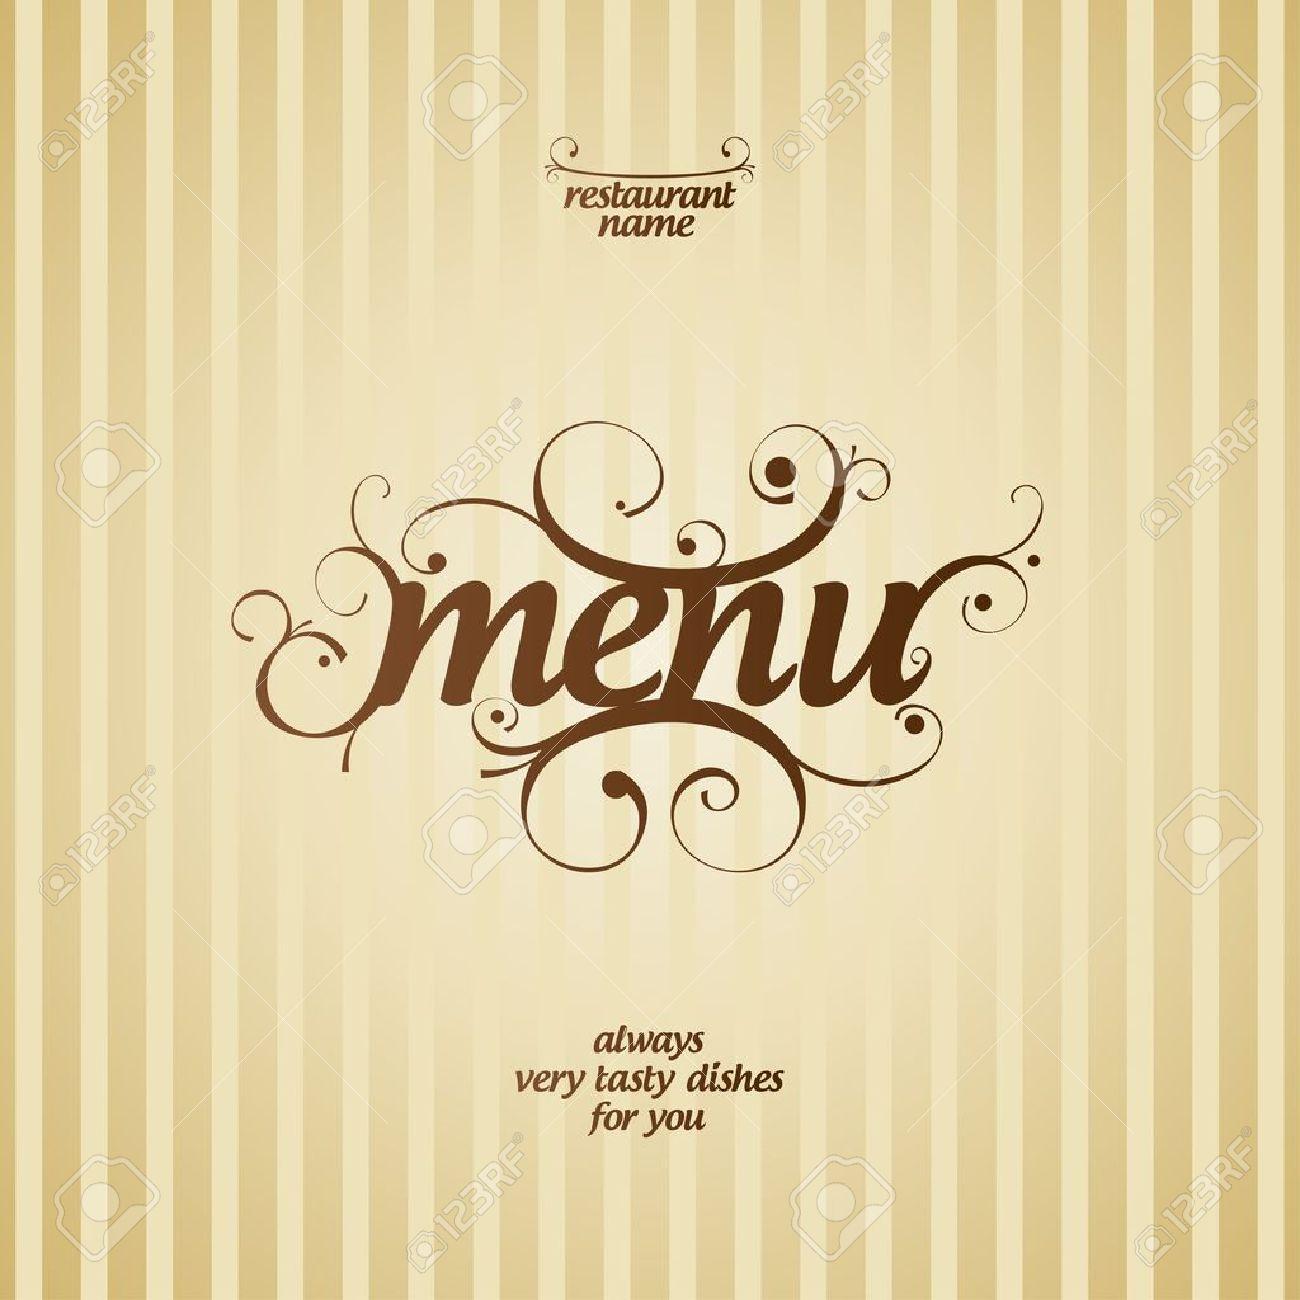 Restaurant-Menü-Card Design-Vorlage Lizenzfrei Nutzbare ...